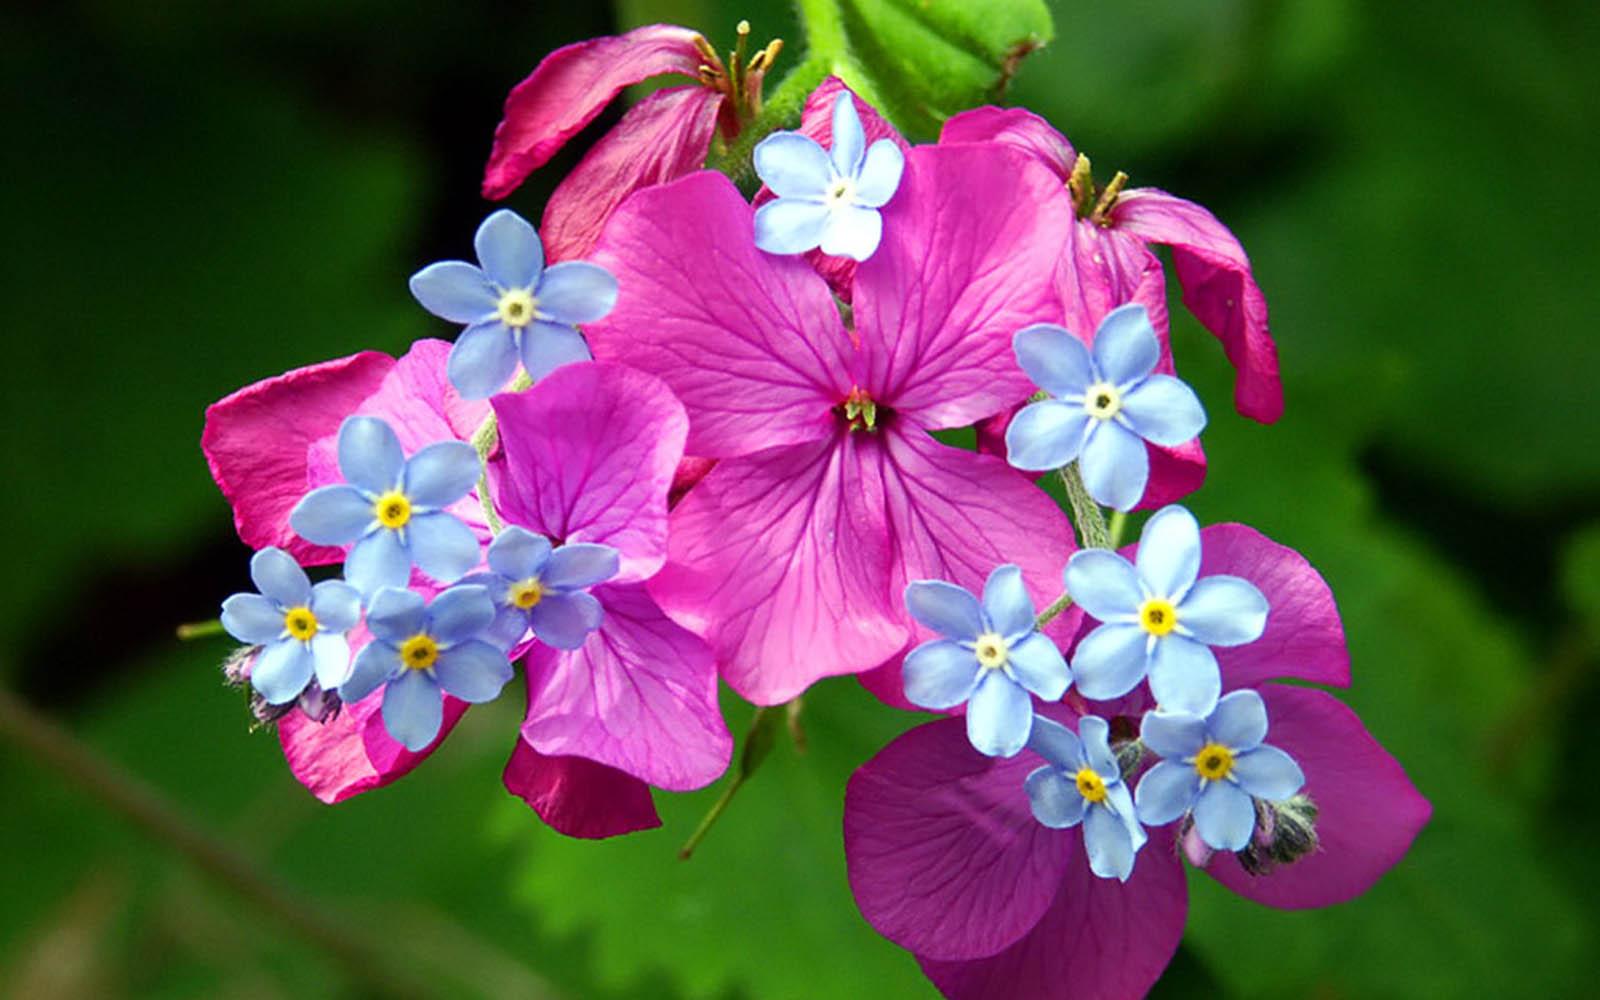 Flowers Wallpapers Spring Flowers Desktop Wallpapers Spring Flowers 1600x1000